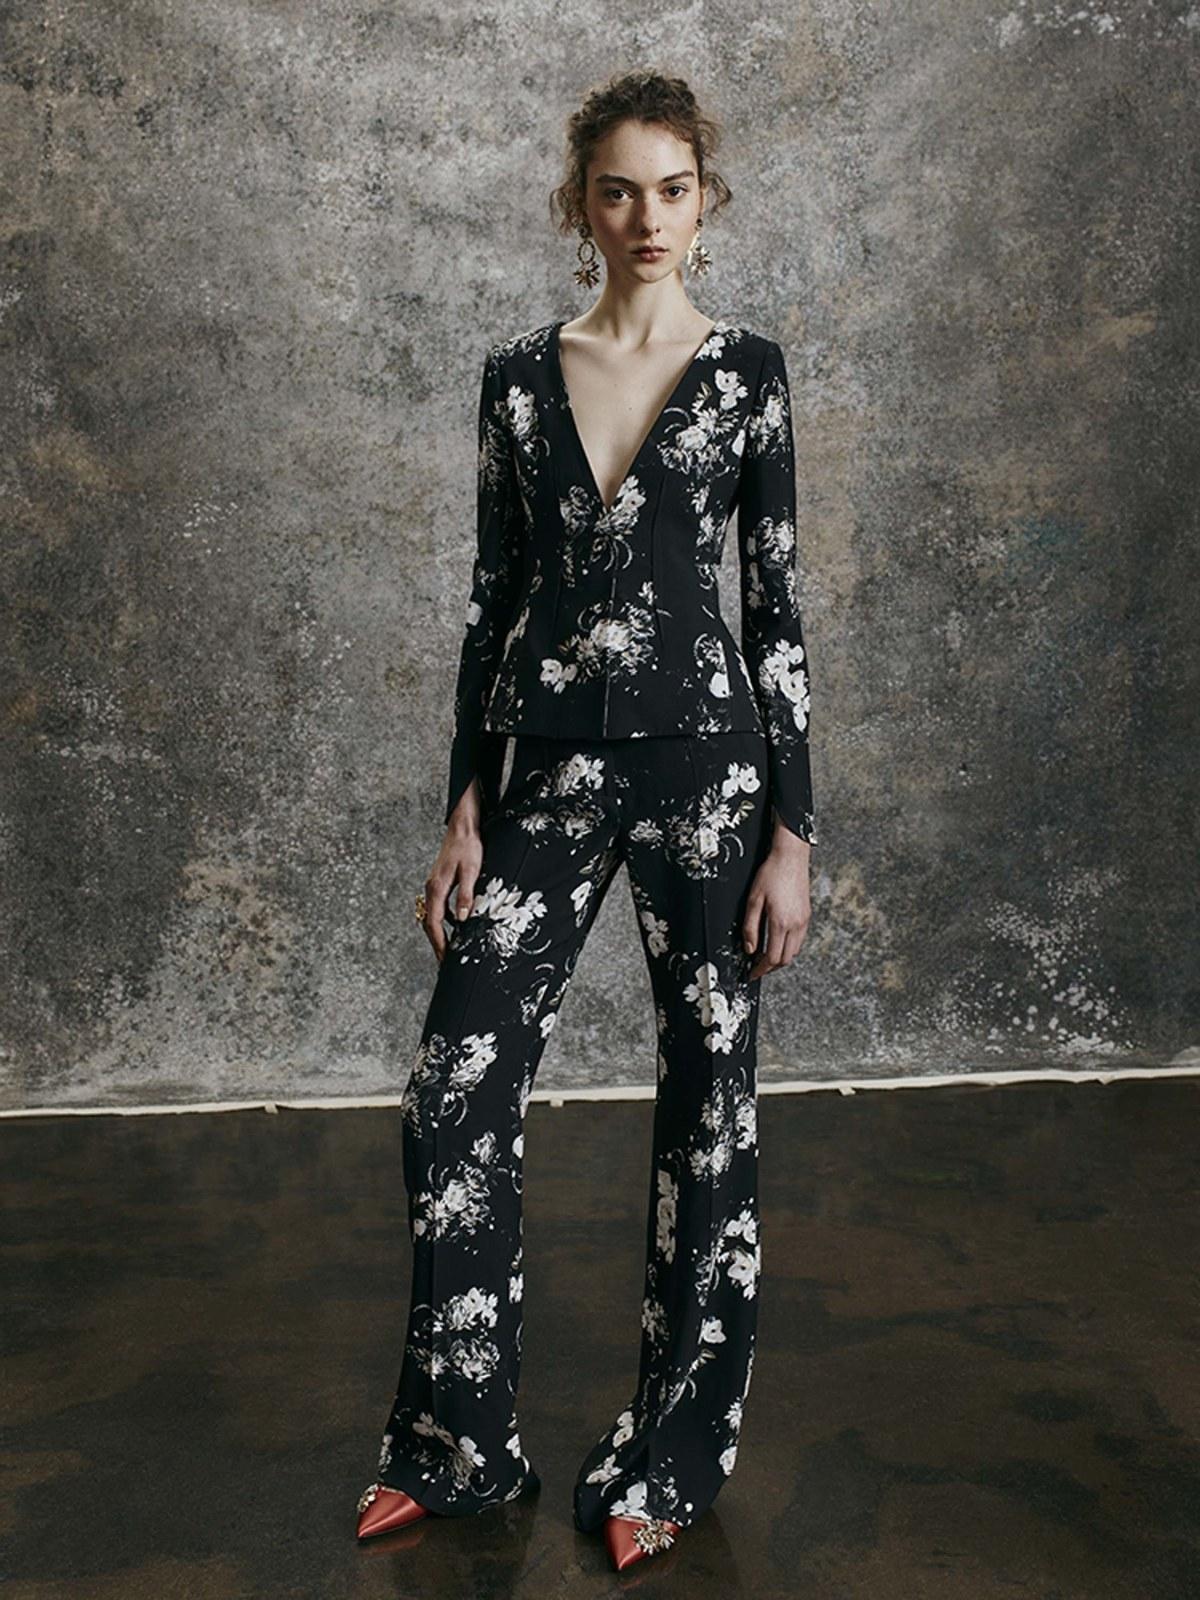 erdem-pre-fall-2017-fashion-show-the-impression-23